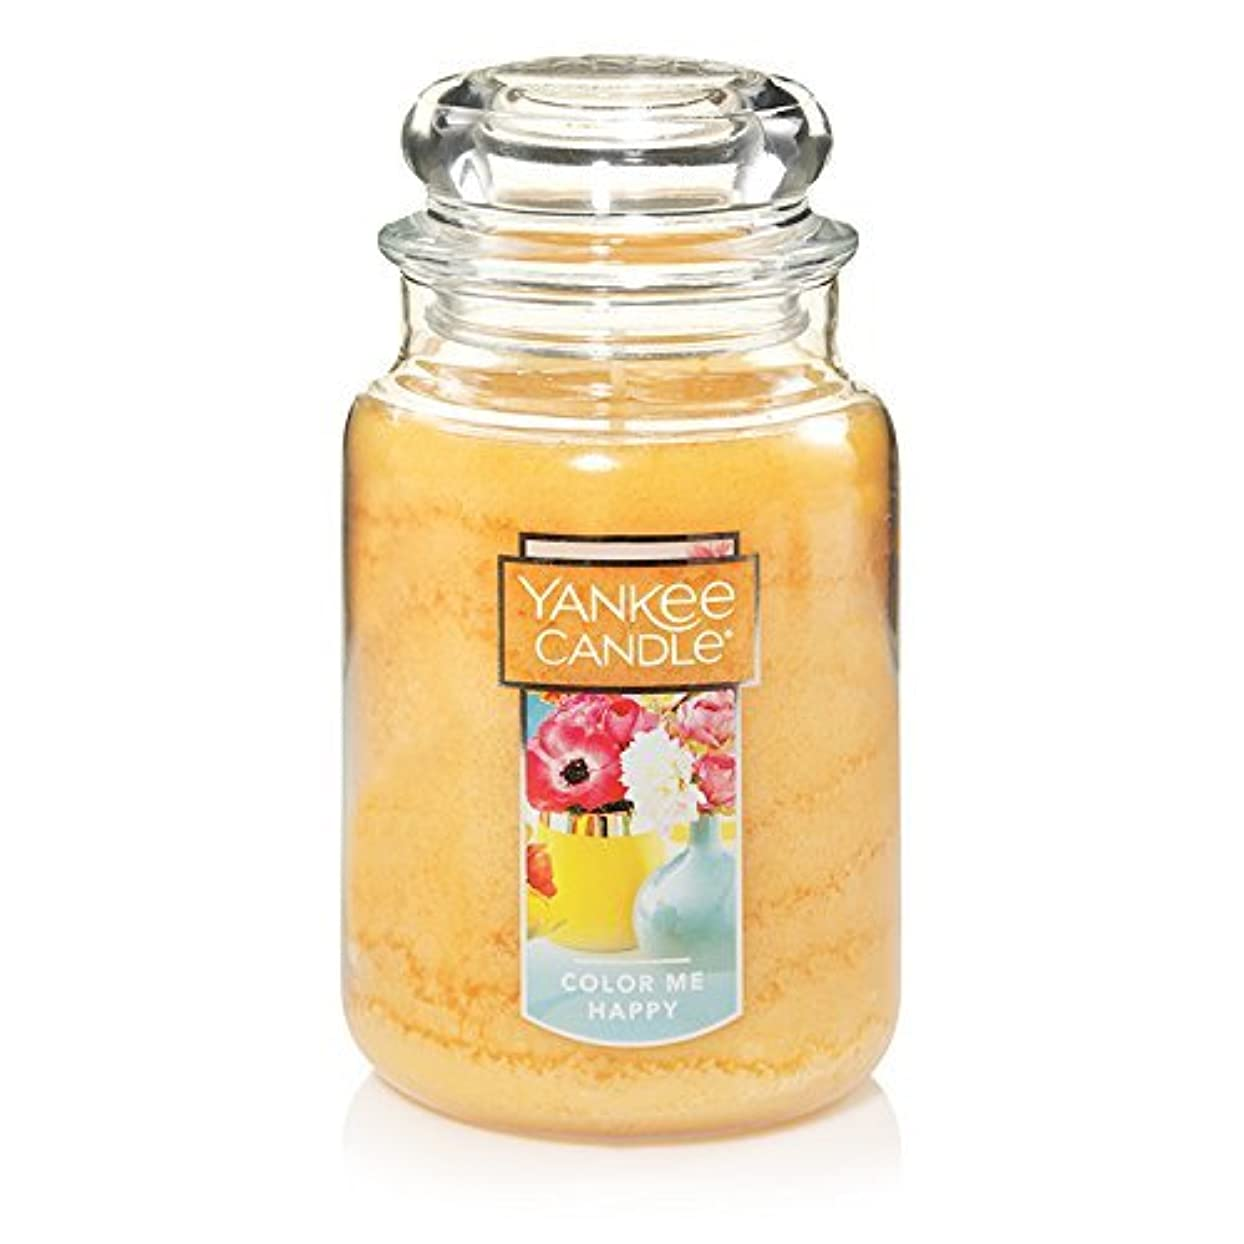 銃尊敬槍YankeeキャンドルカラーMe Happy Large Jar Candle、新鮮な香り